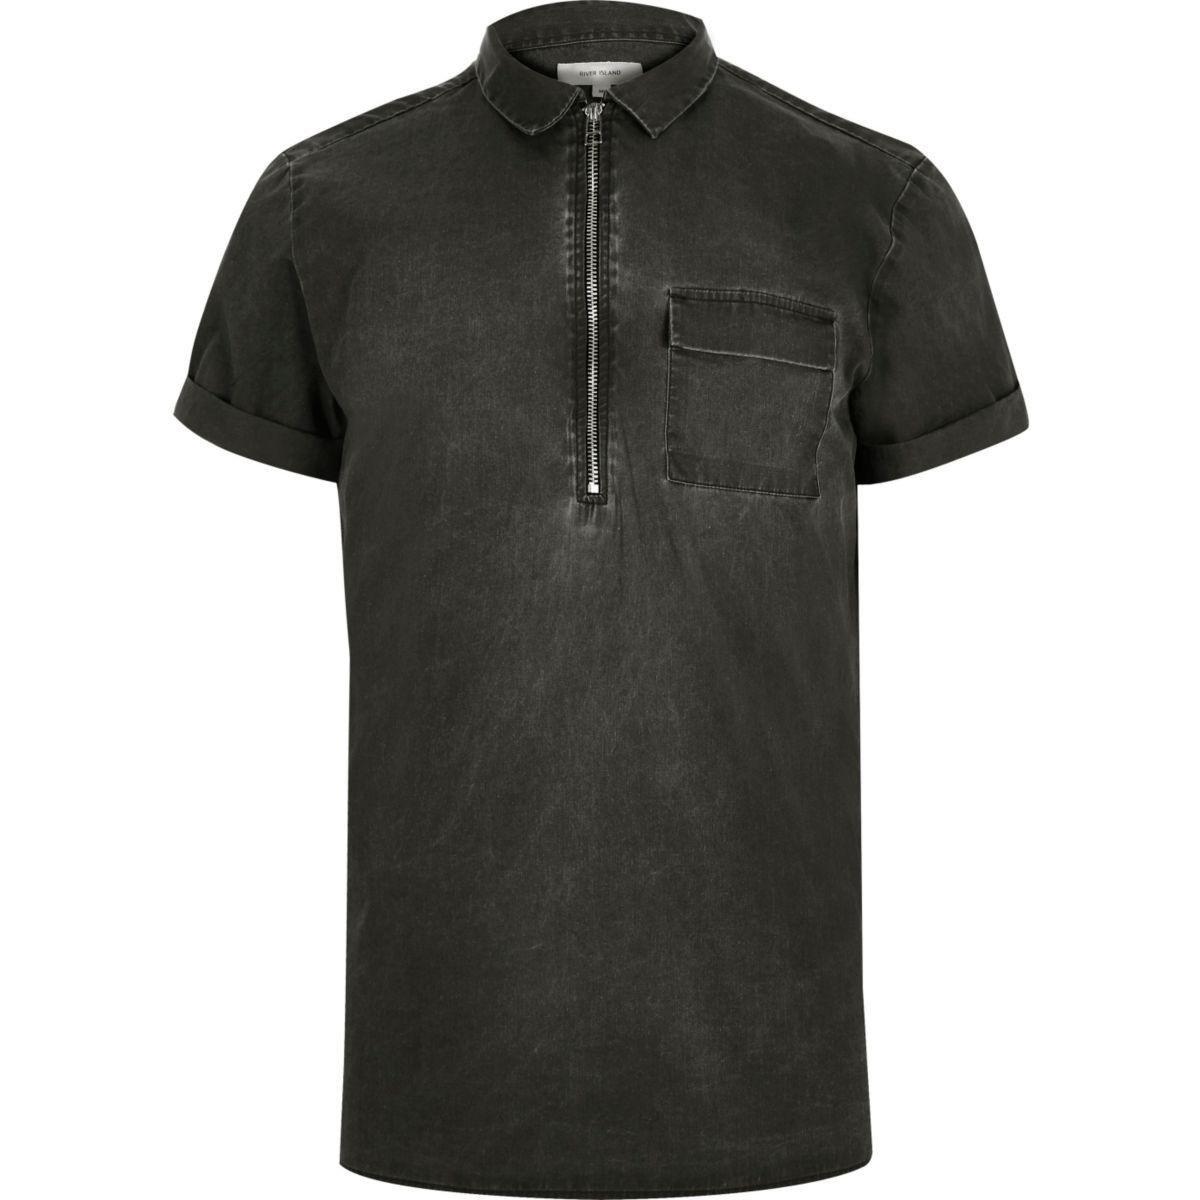 Washed grey zip neck short sleeve shirt